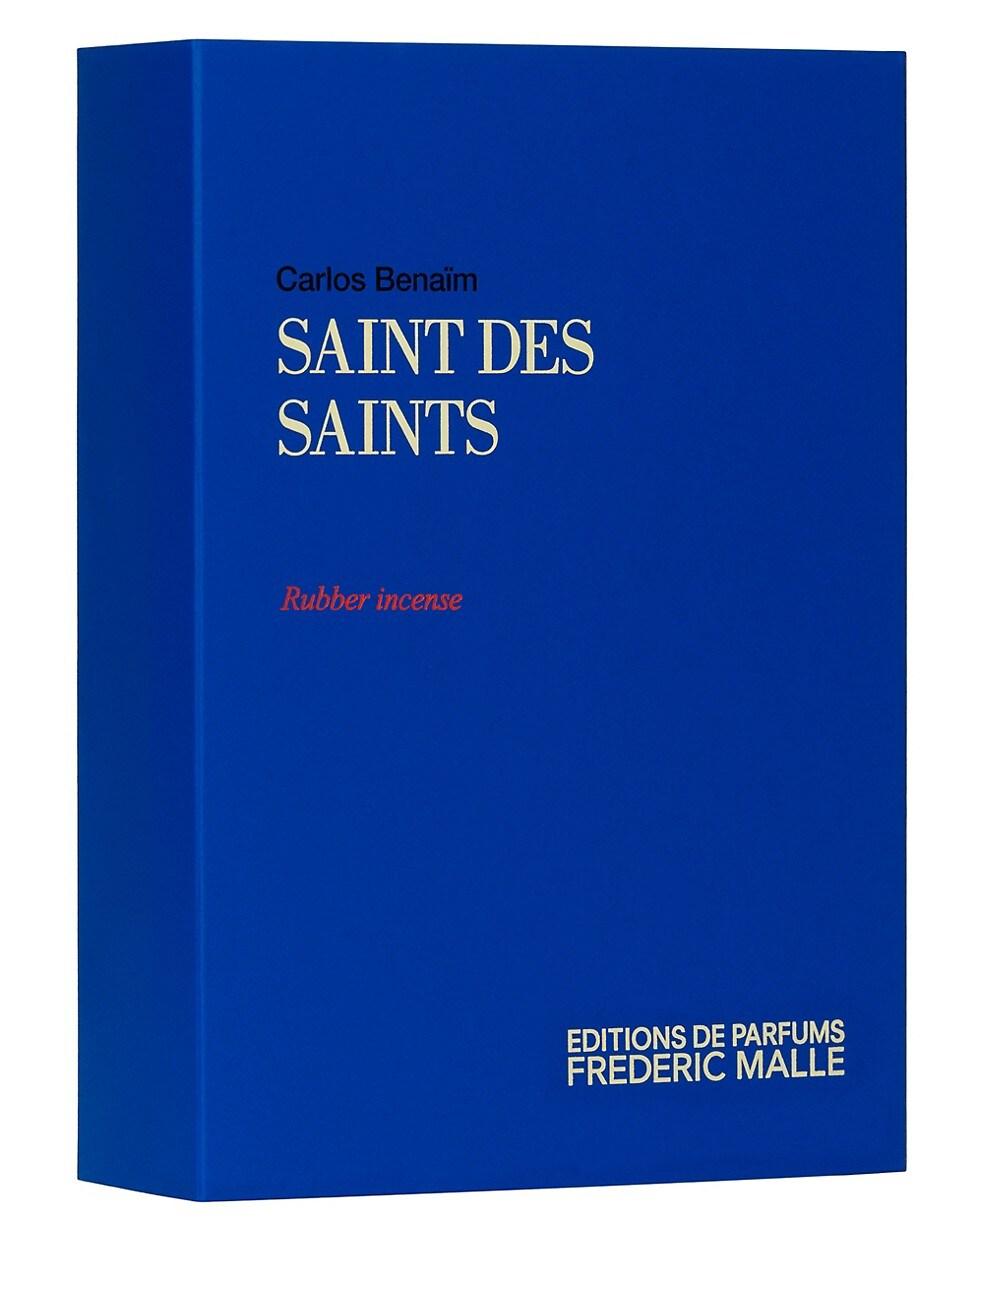 Frederic Malle Saint des Saints Rubber Incense